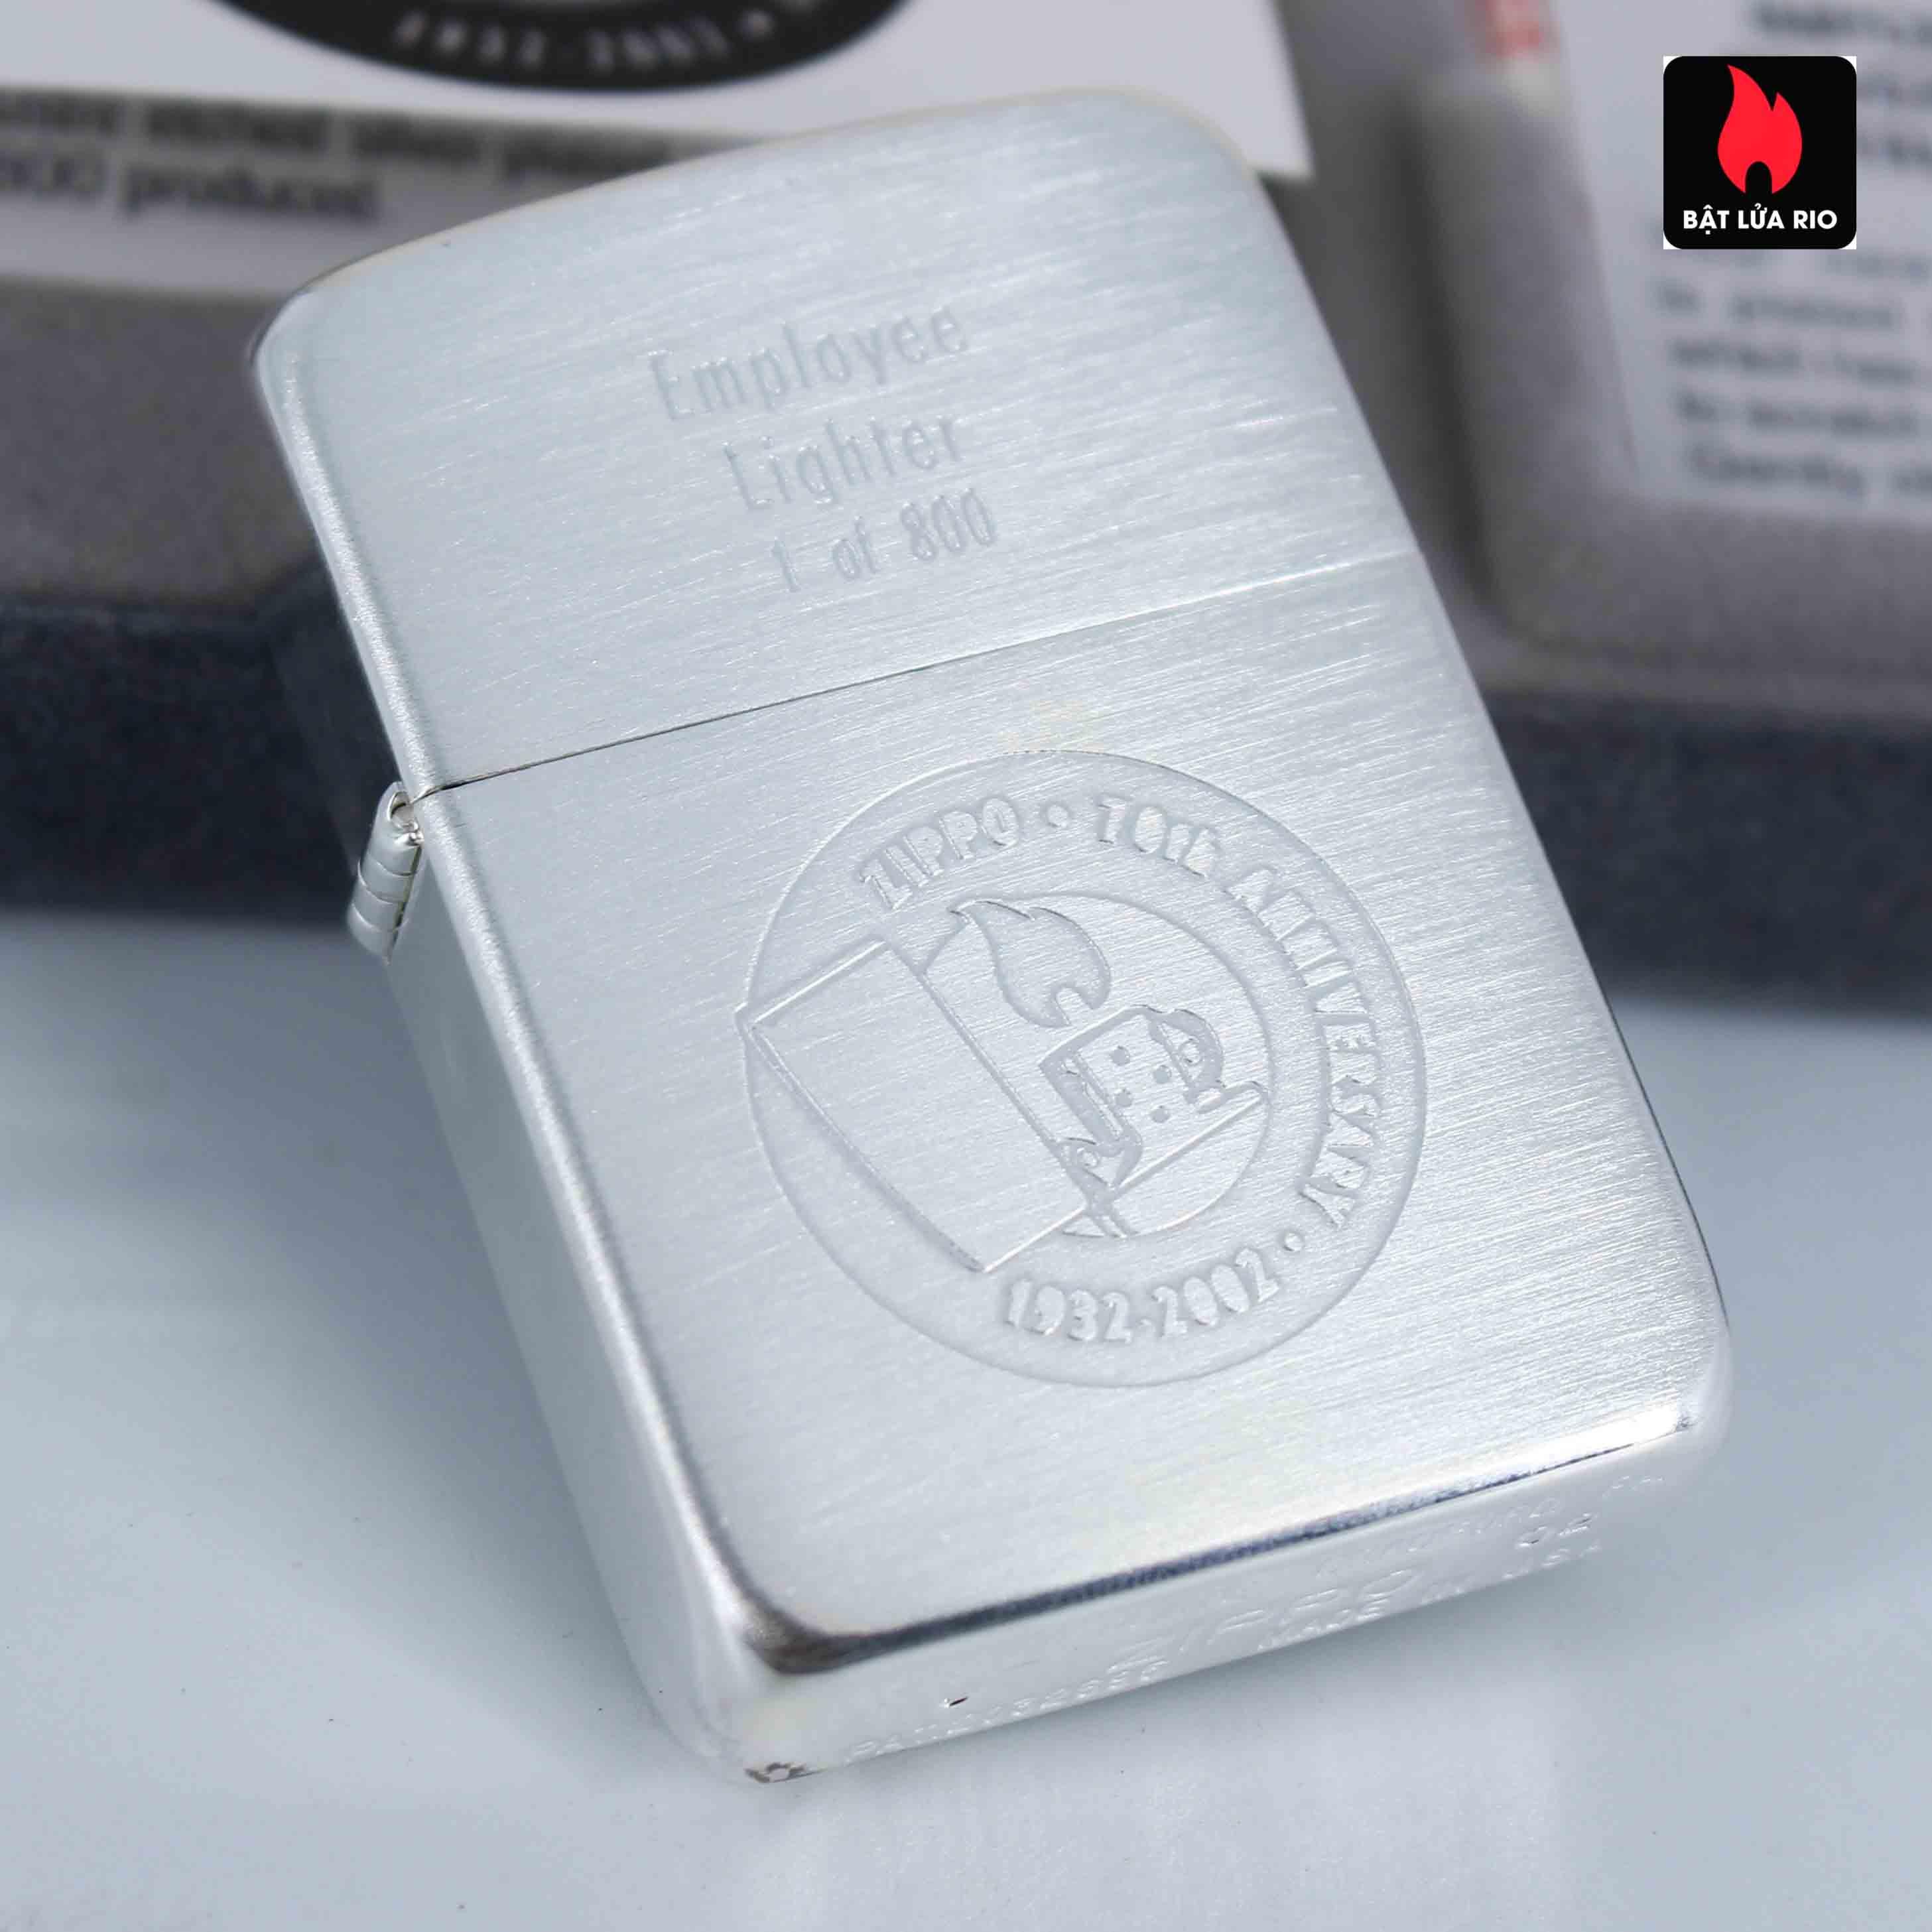 Zippo 2002 - 70th Anniversary - Employee Lighter 1 of 800 6